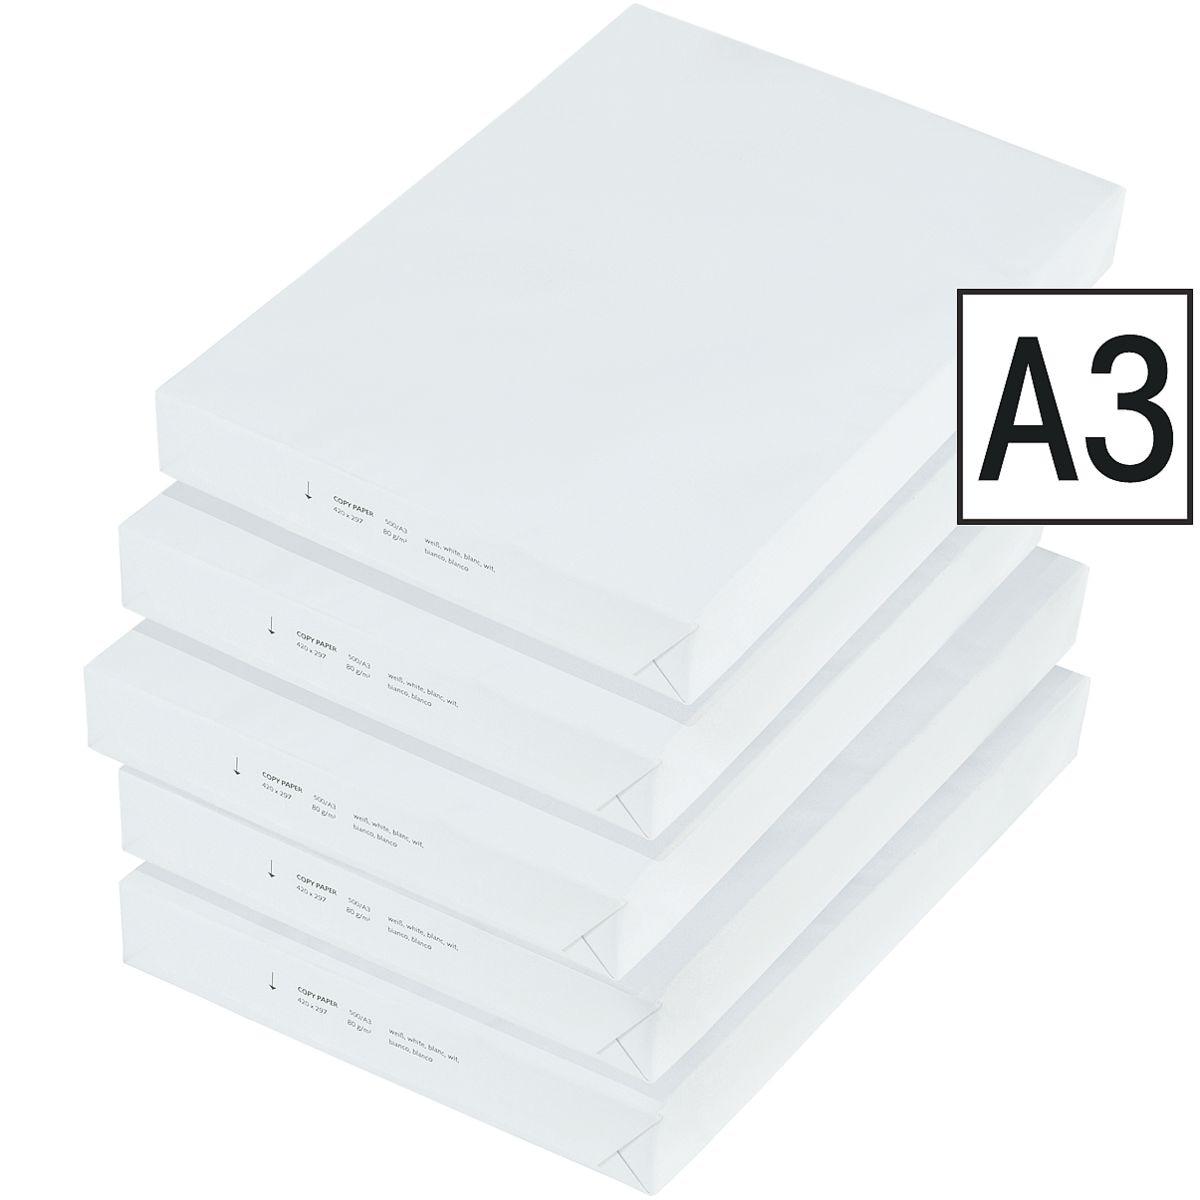 5x Kopierpapier A3 - 2500 Blatt gesamt, 80 g/m²